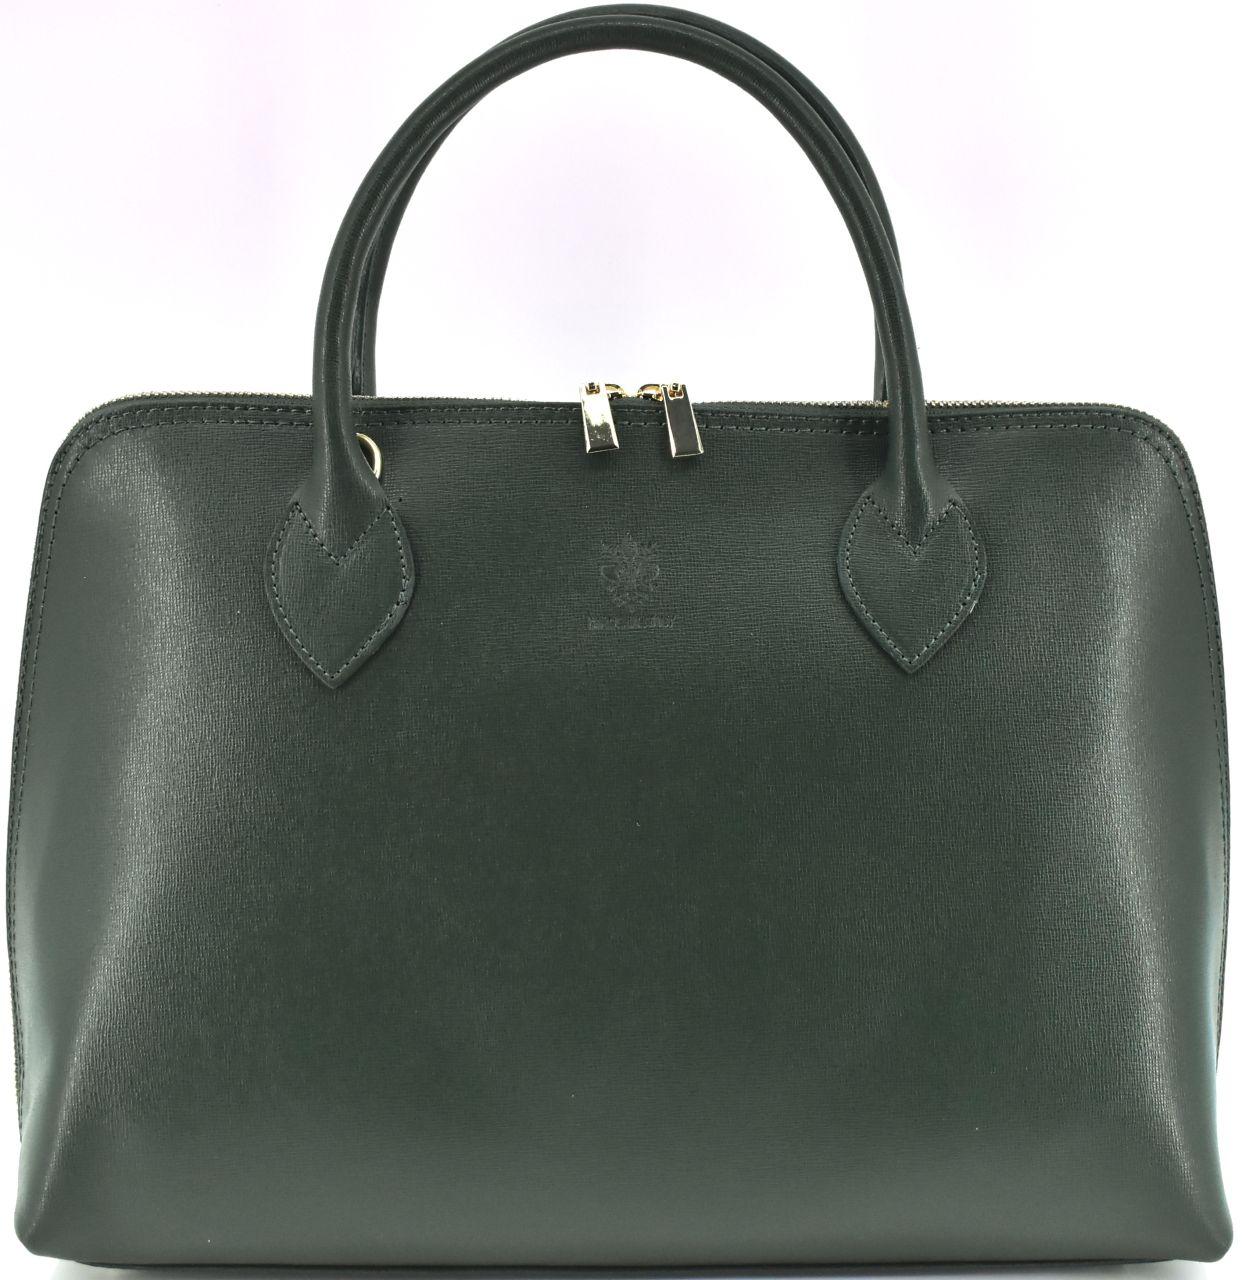 Dámská kožená kabelka Arteddy - tmavě zelená 32445